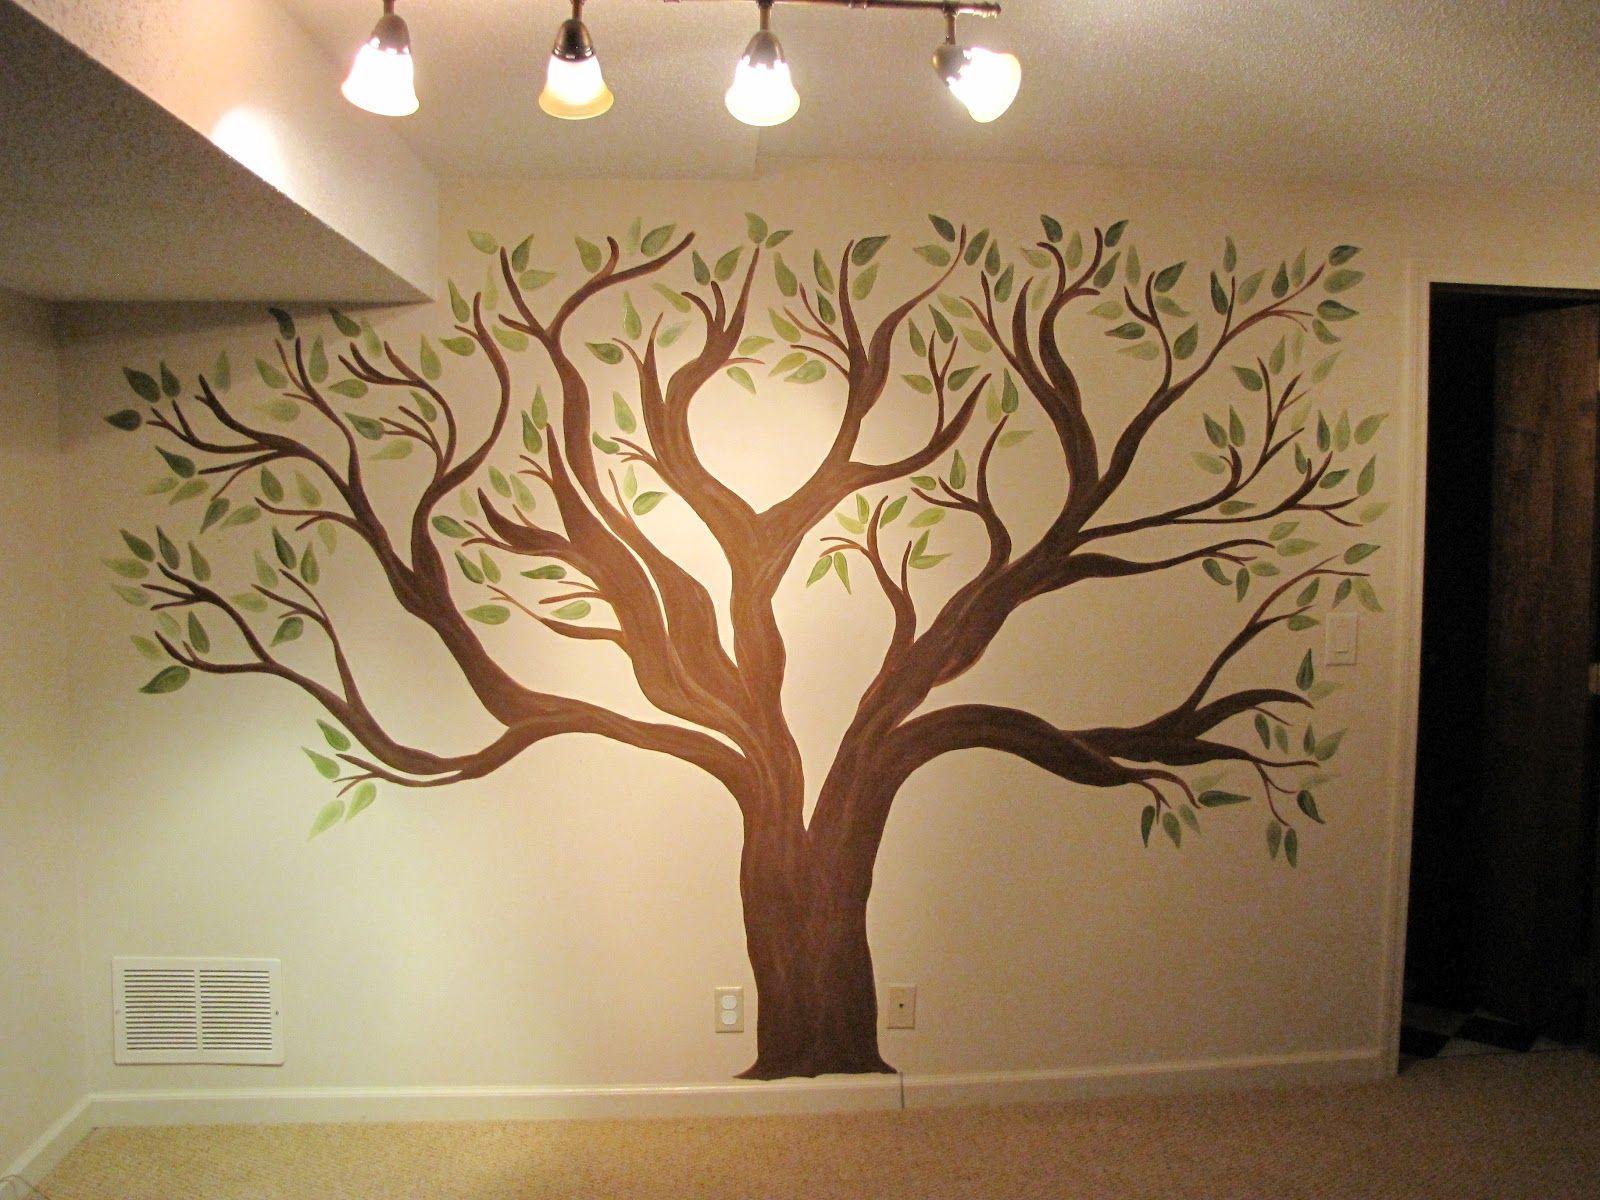 Рисунки деревьев на стене в квартире своими руками 47